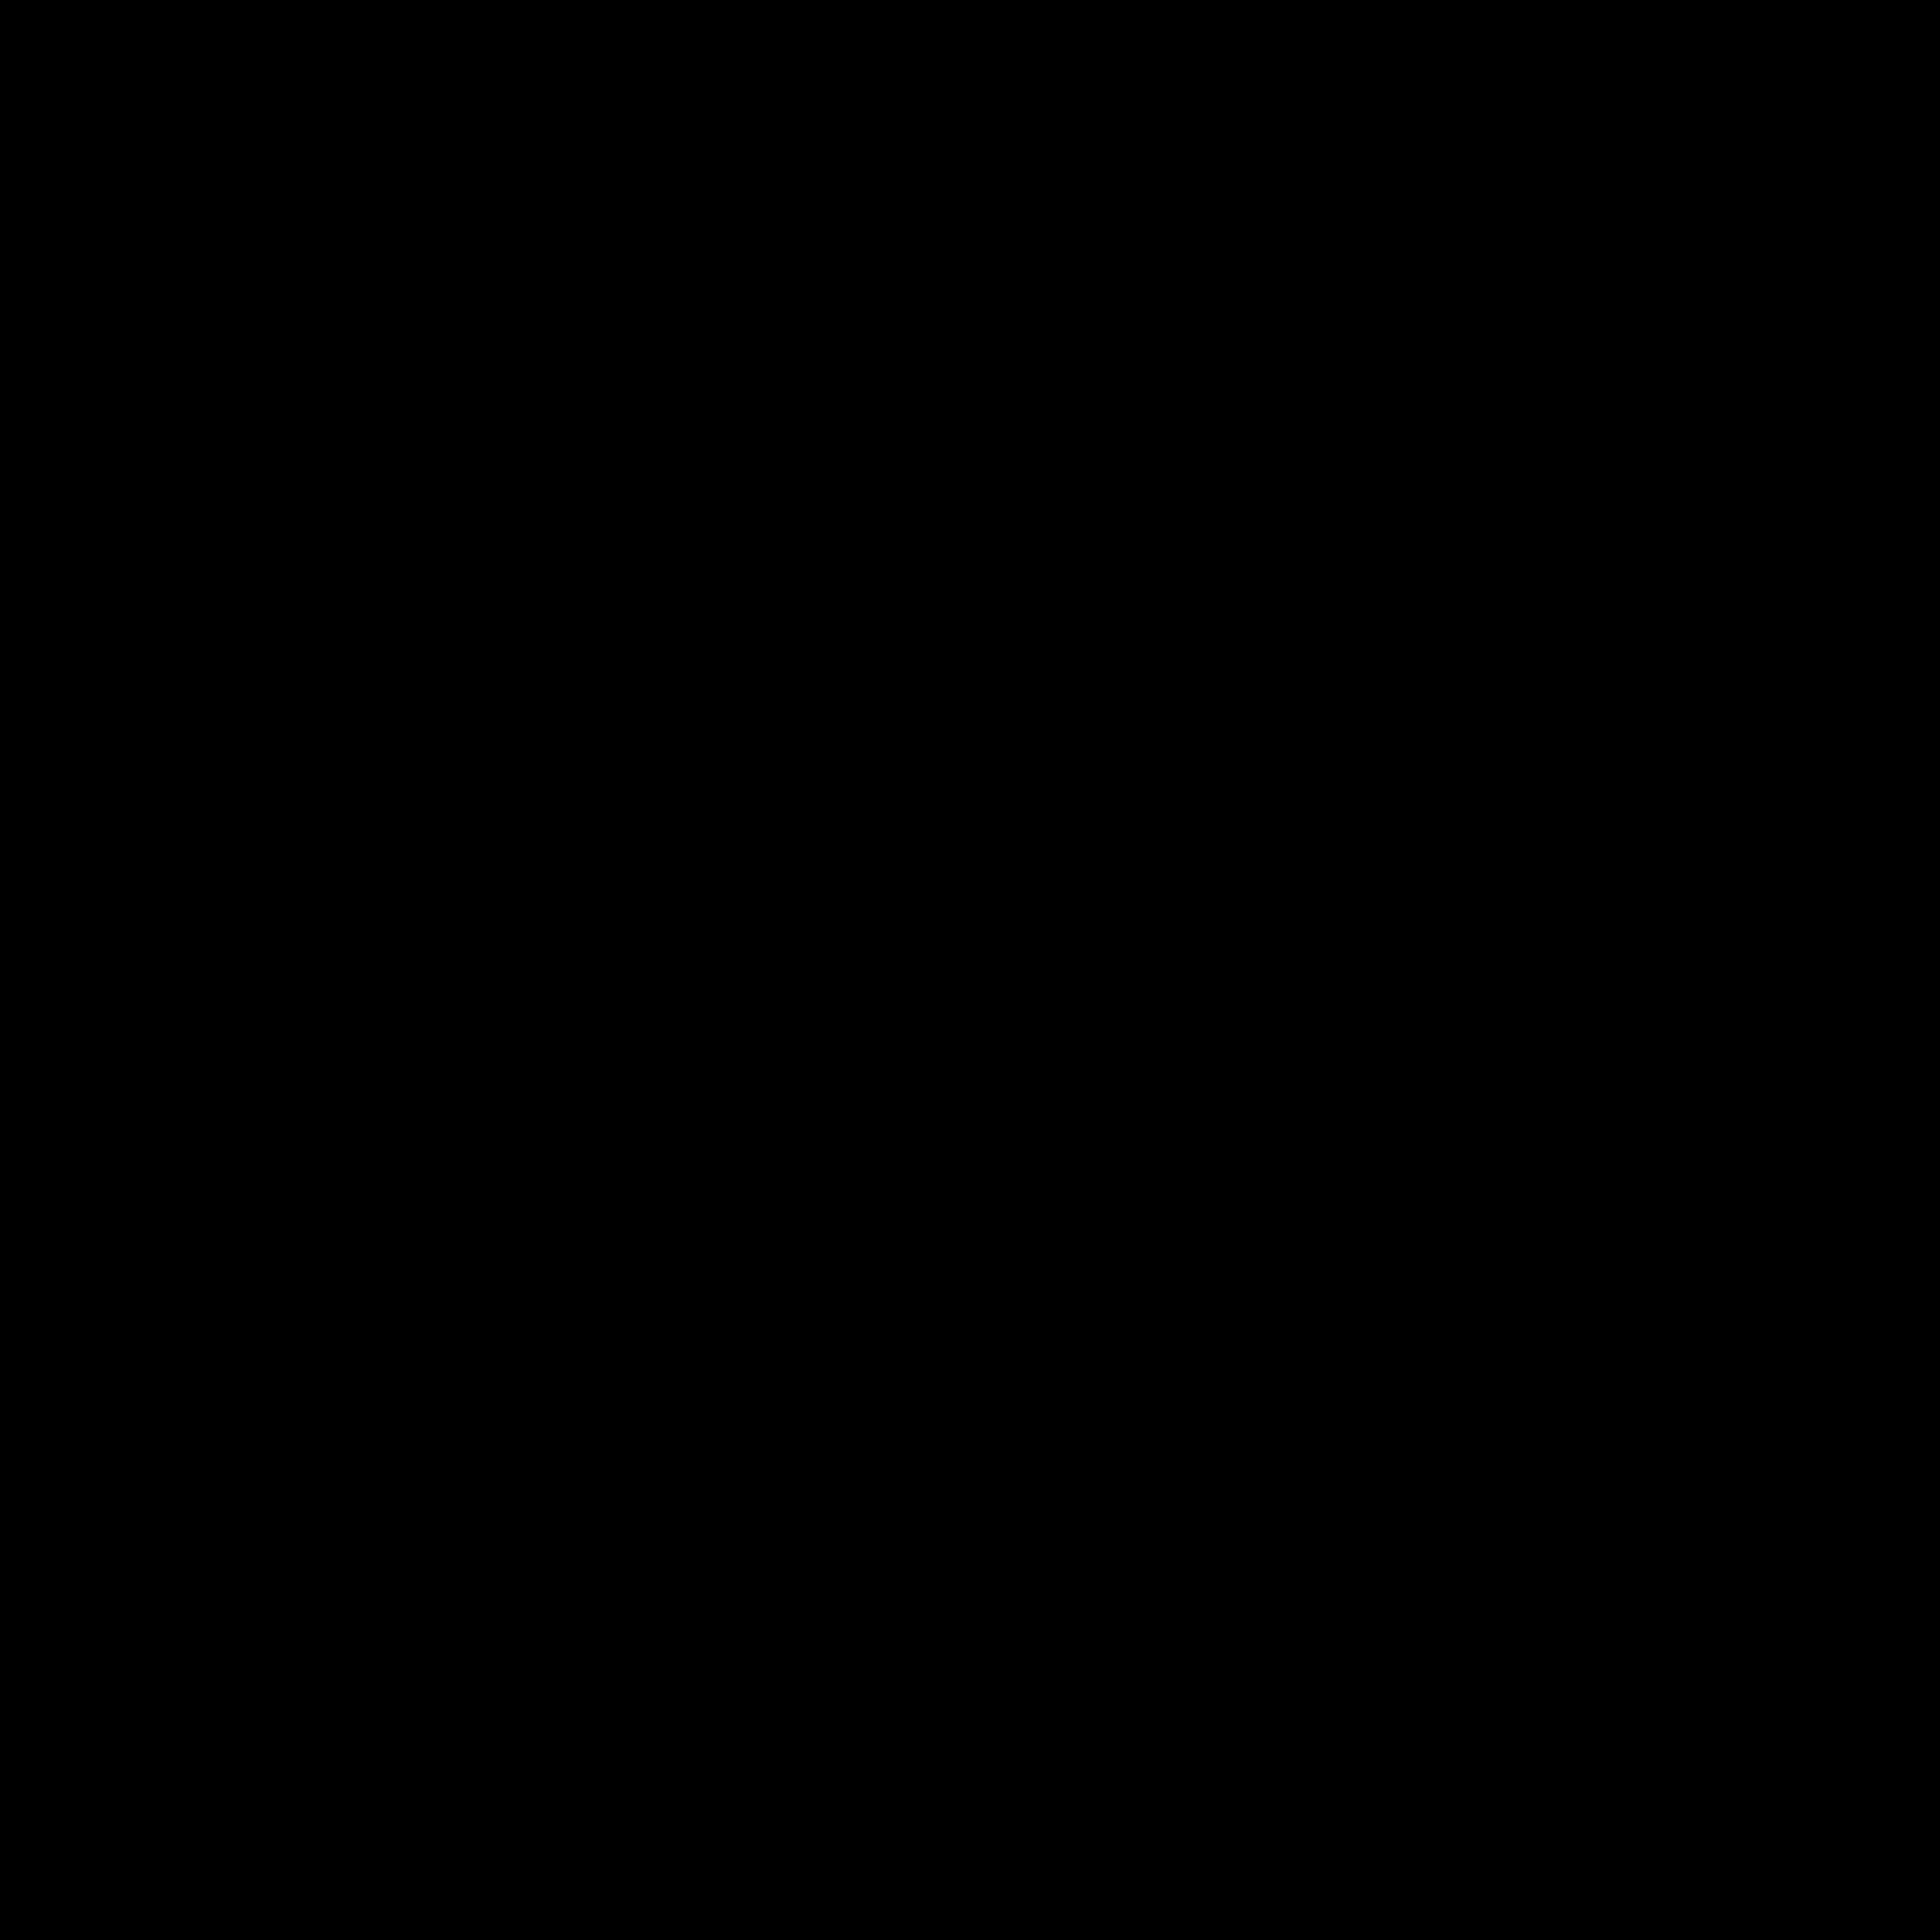 Chevrolet Logo Png Transparent & Svg Vector - Pluspng Pluspng.com - Chevrolet Logo PNG